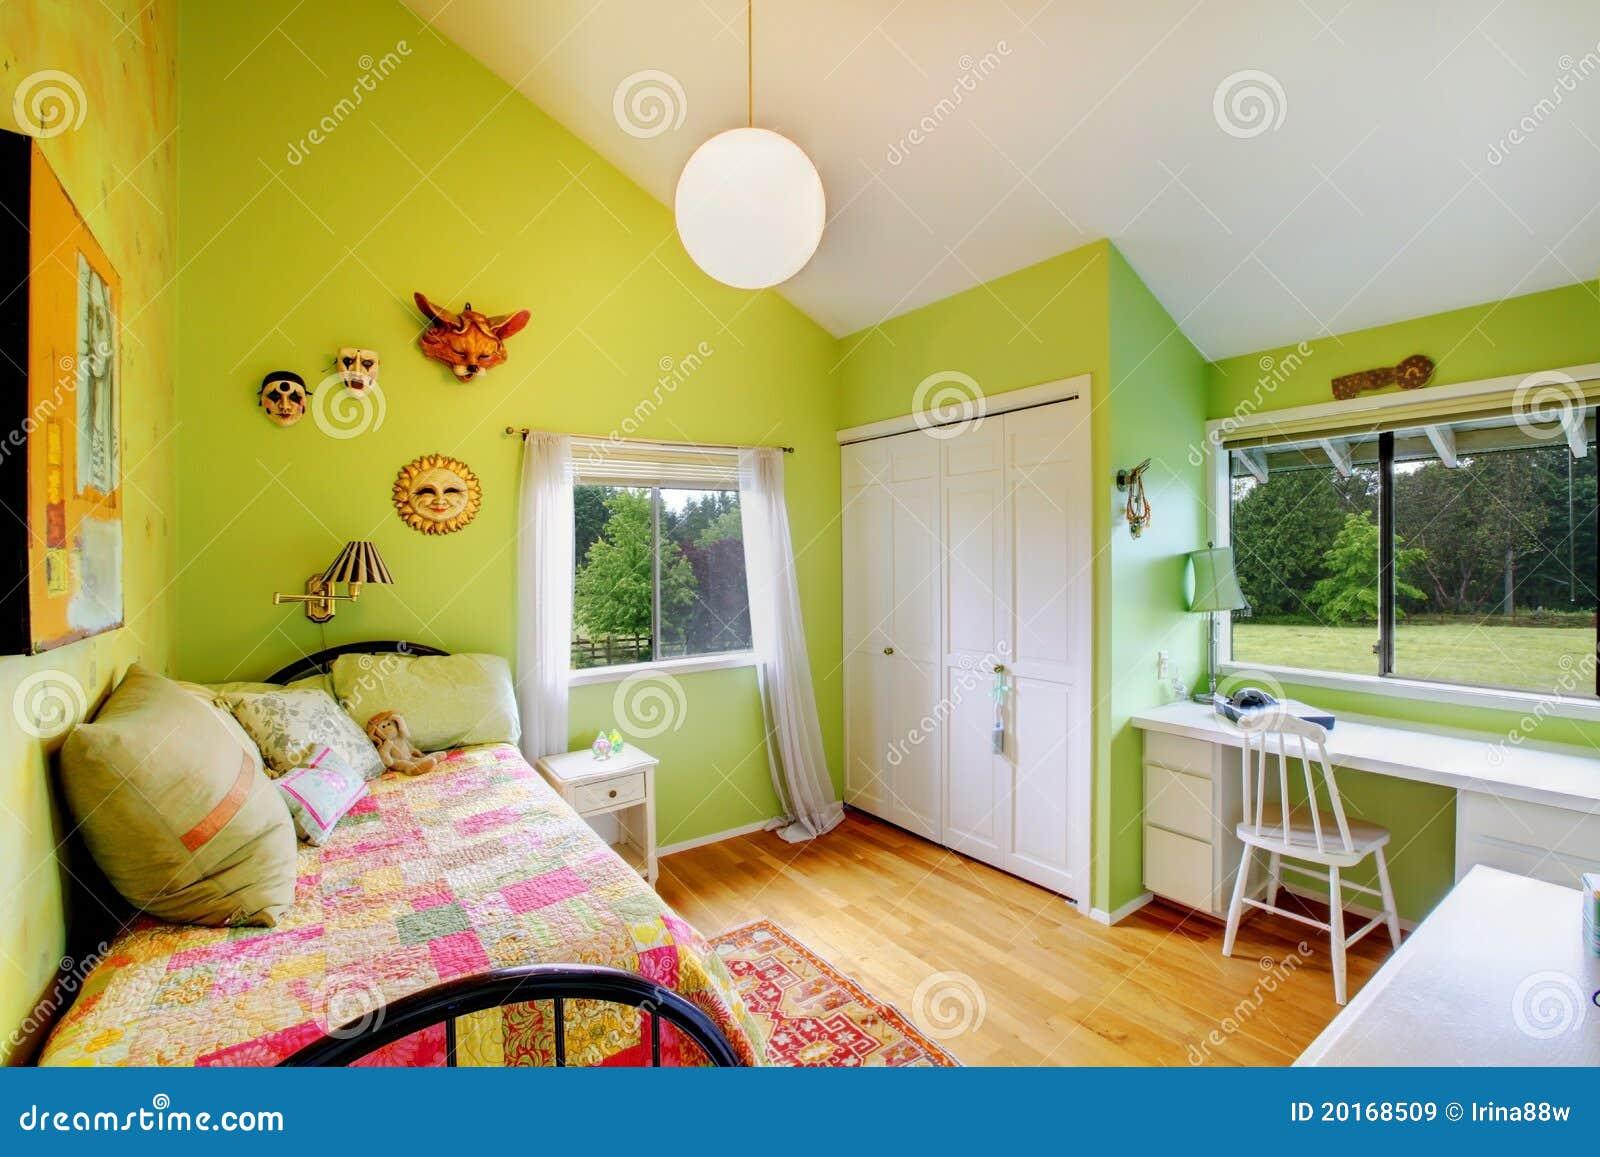 Cabritos verdes, muebles del blanco de las muchachas bedroom.with.